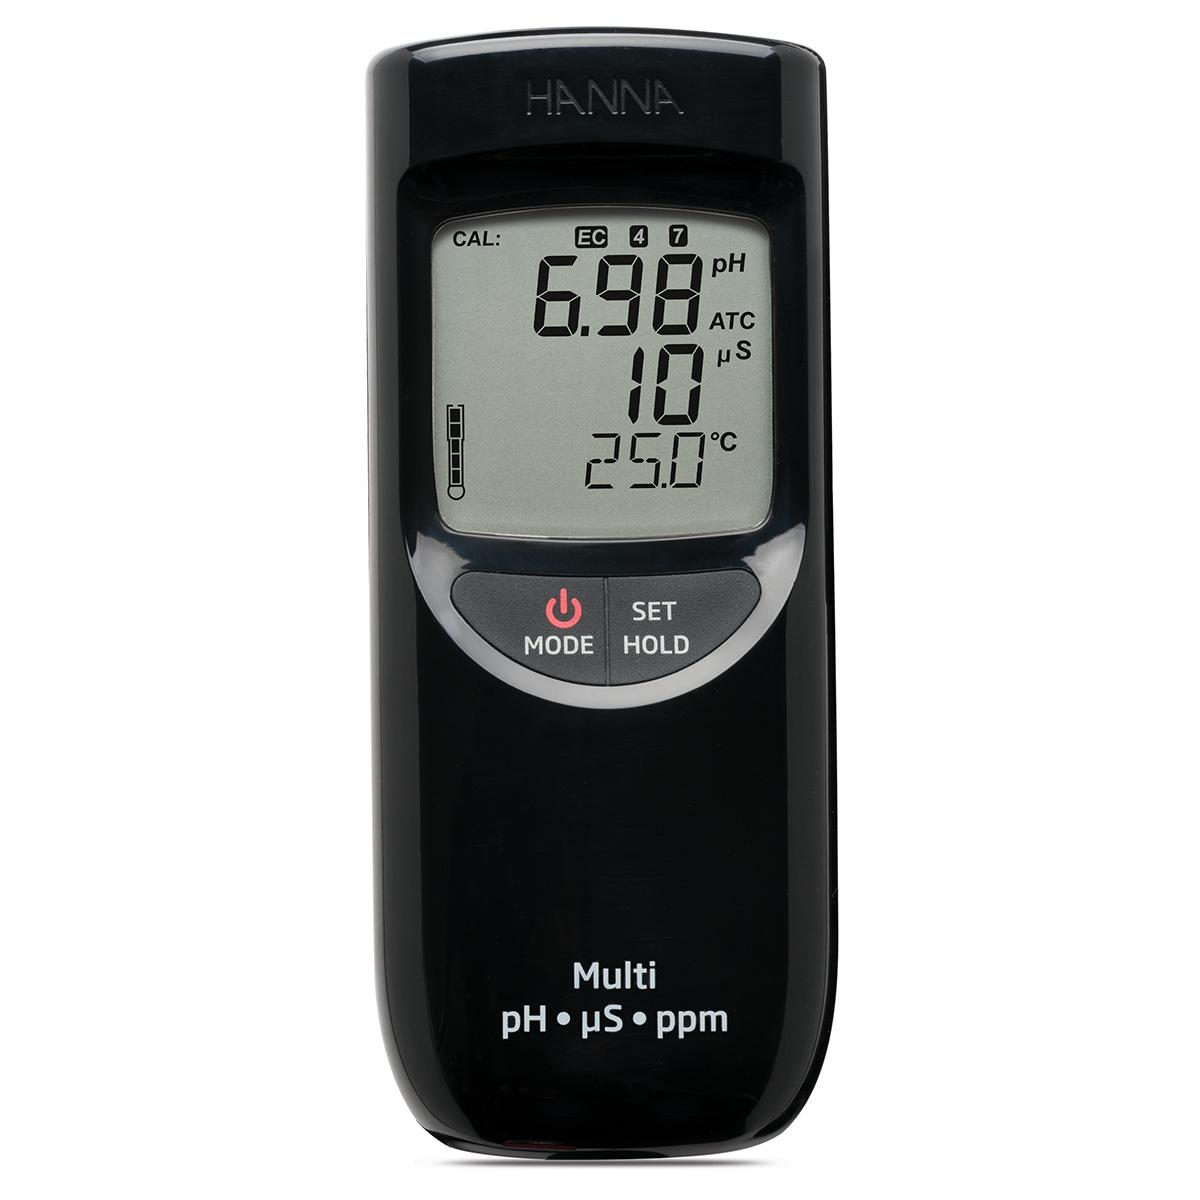 HI991300 Portable pH/EC/TDS Meter